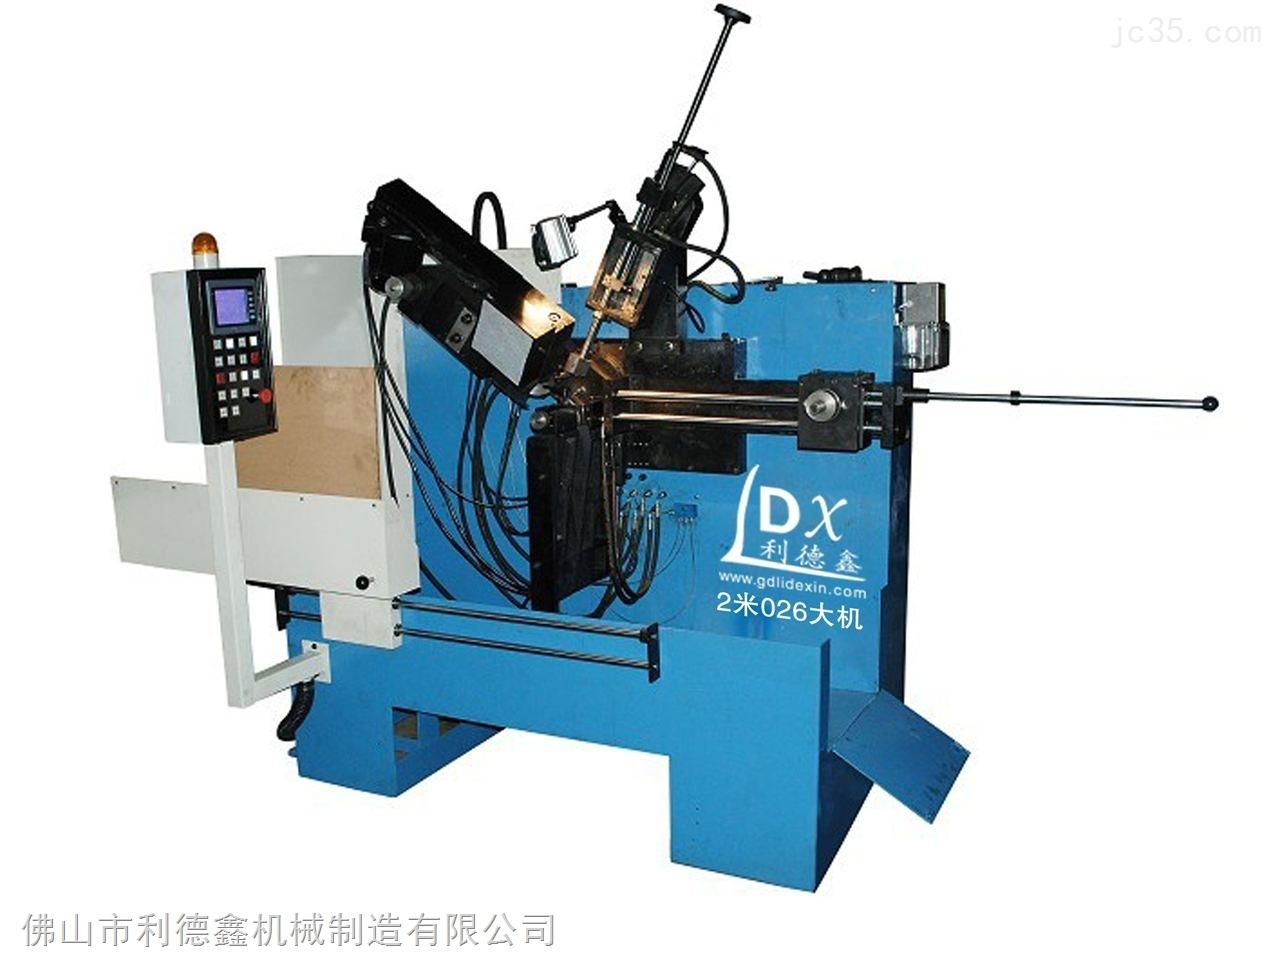 1米5合金圆锯片磨齿机/1米8全自动合金锯片研磨机/大型合金锯片磨齿机